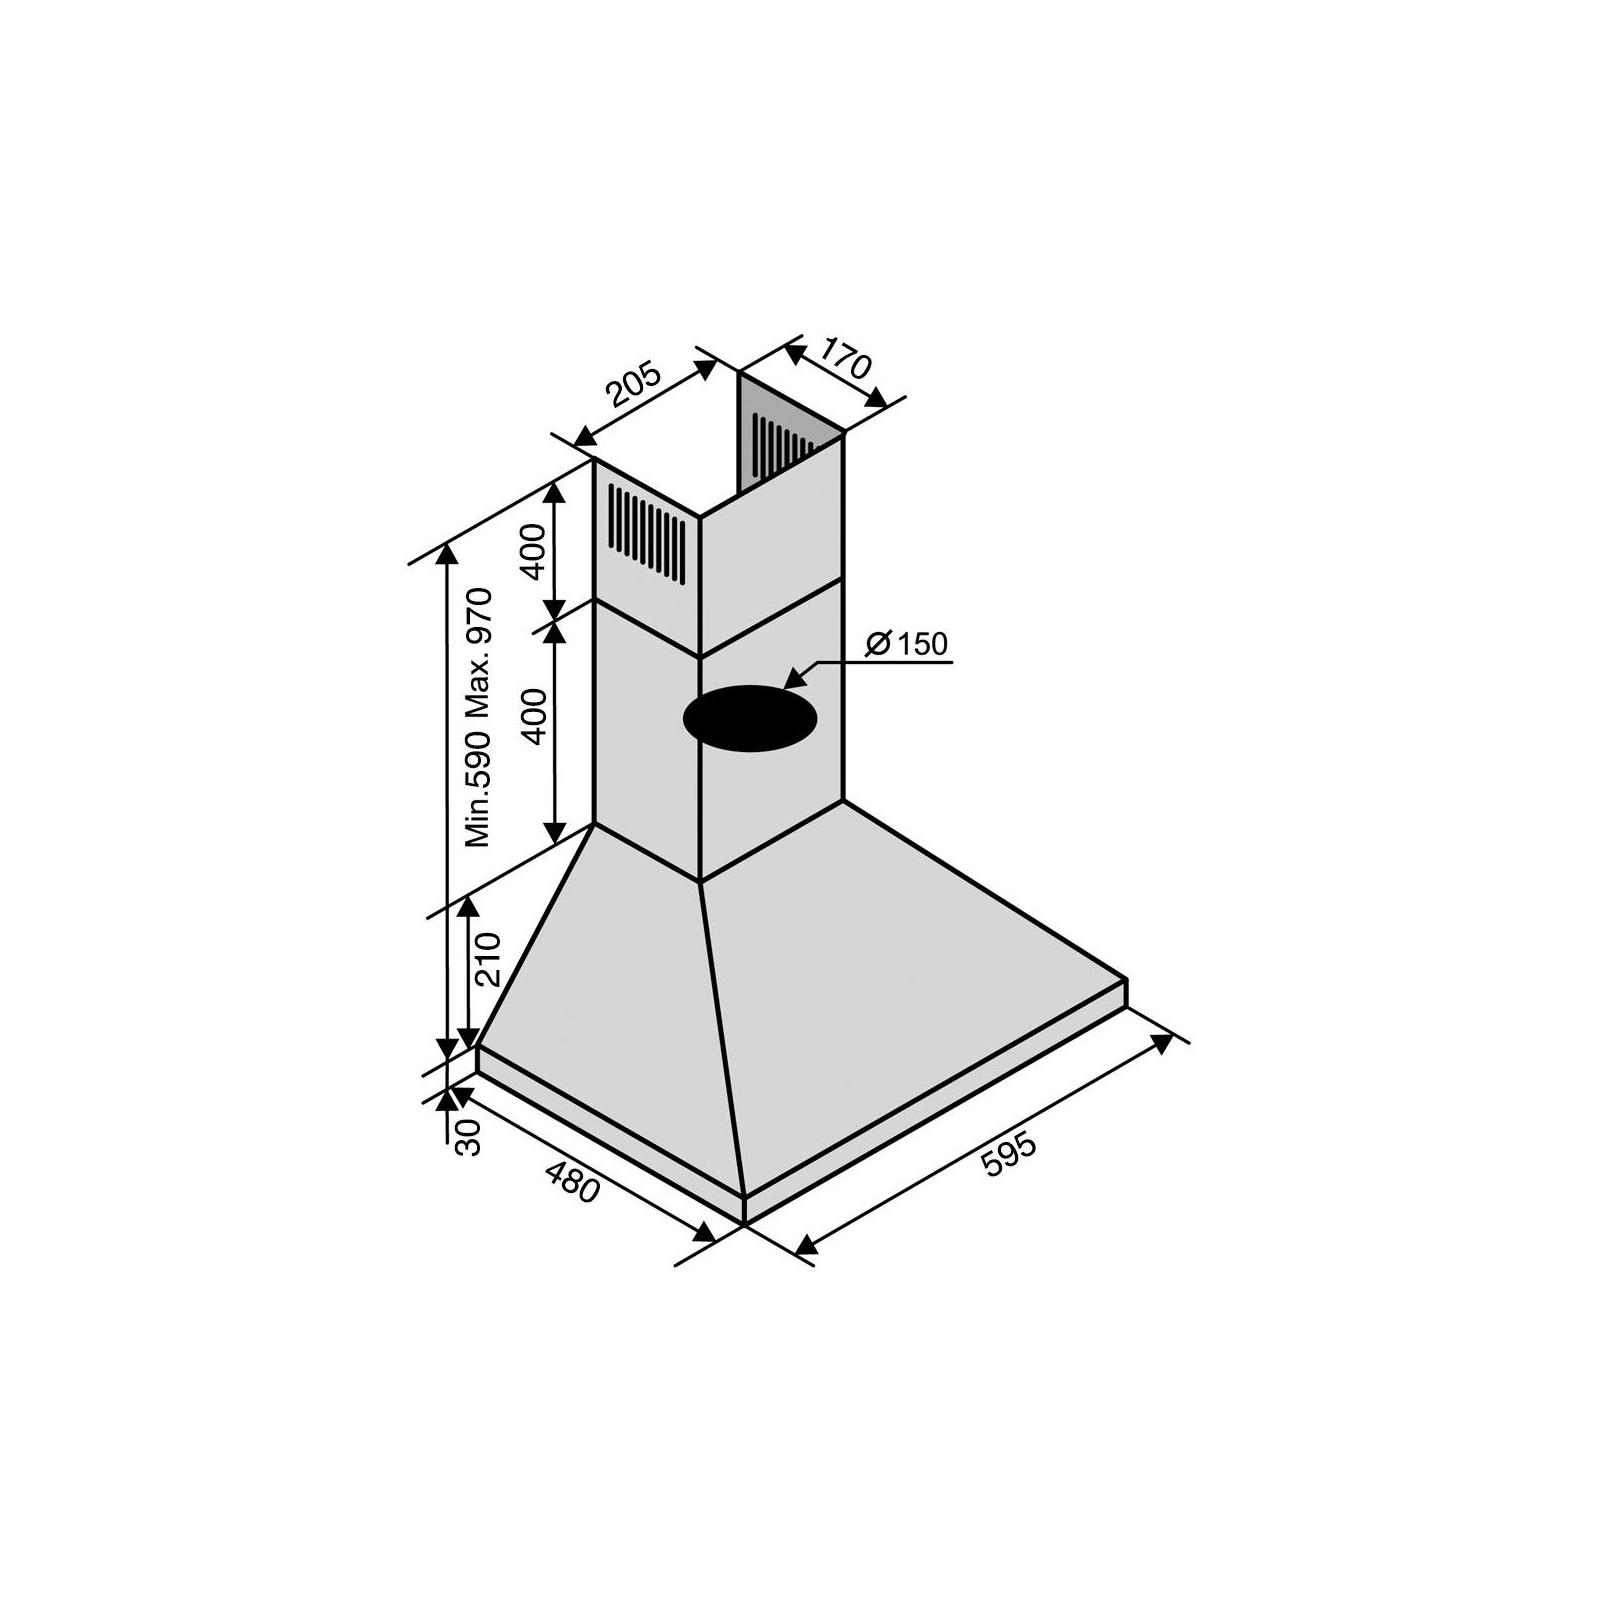 Вытяжка кухонная Ventolux MILANO 60 INOX (1000) PB изображение 6